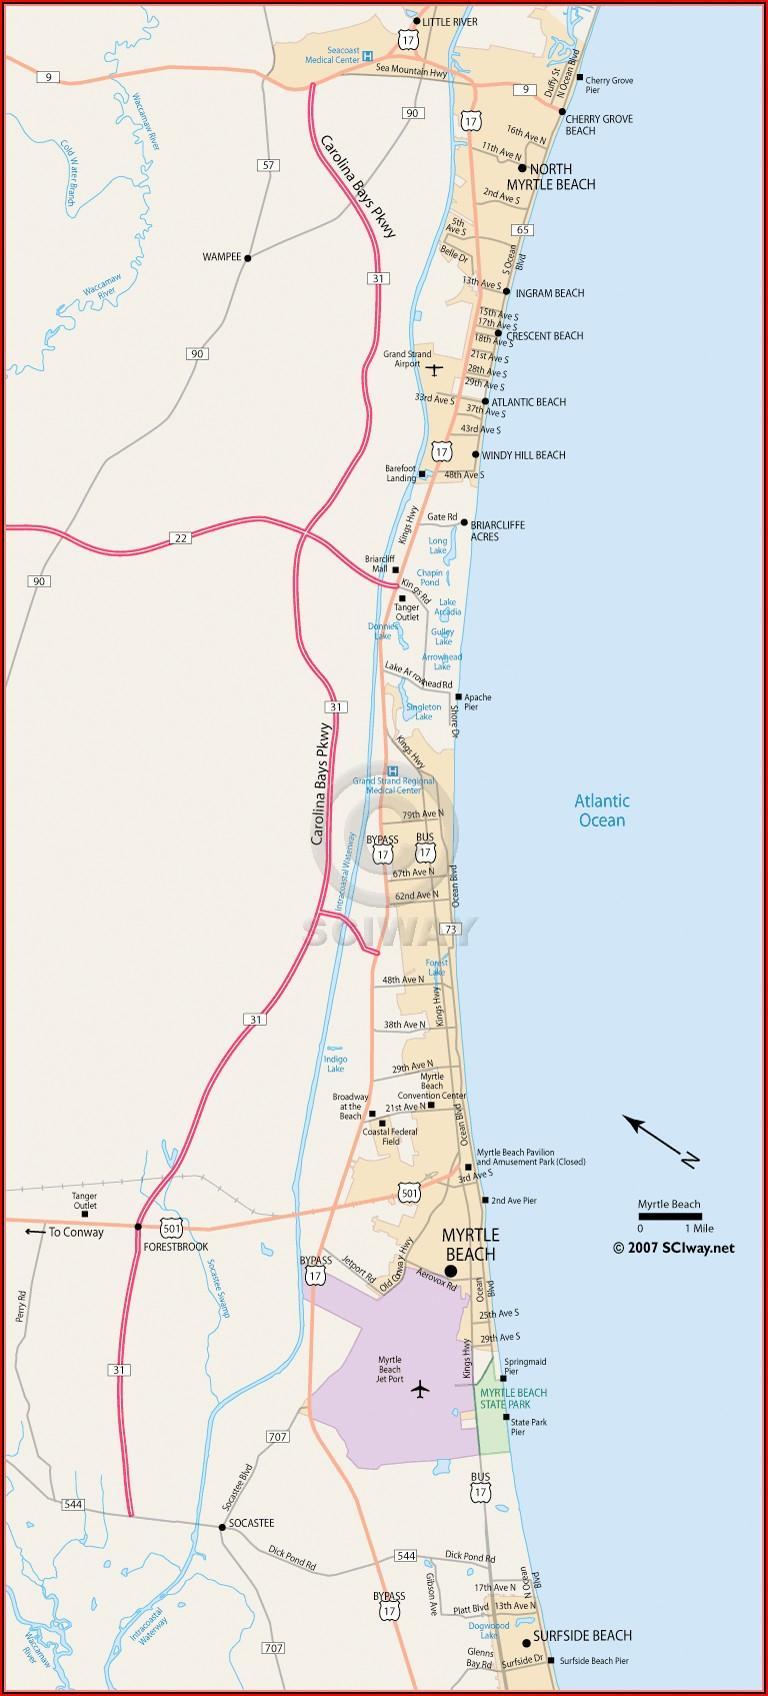 North Myrtle Beach Hotel Map